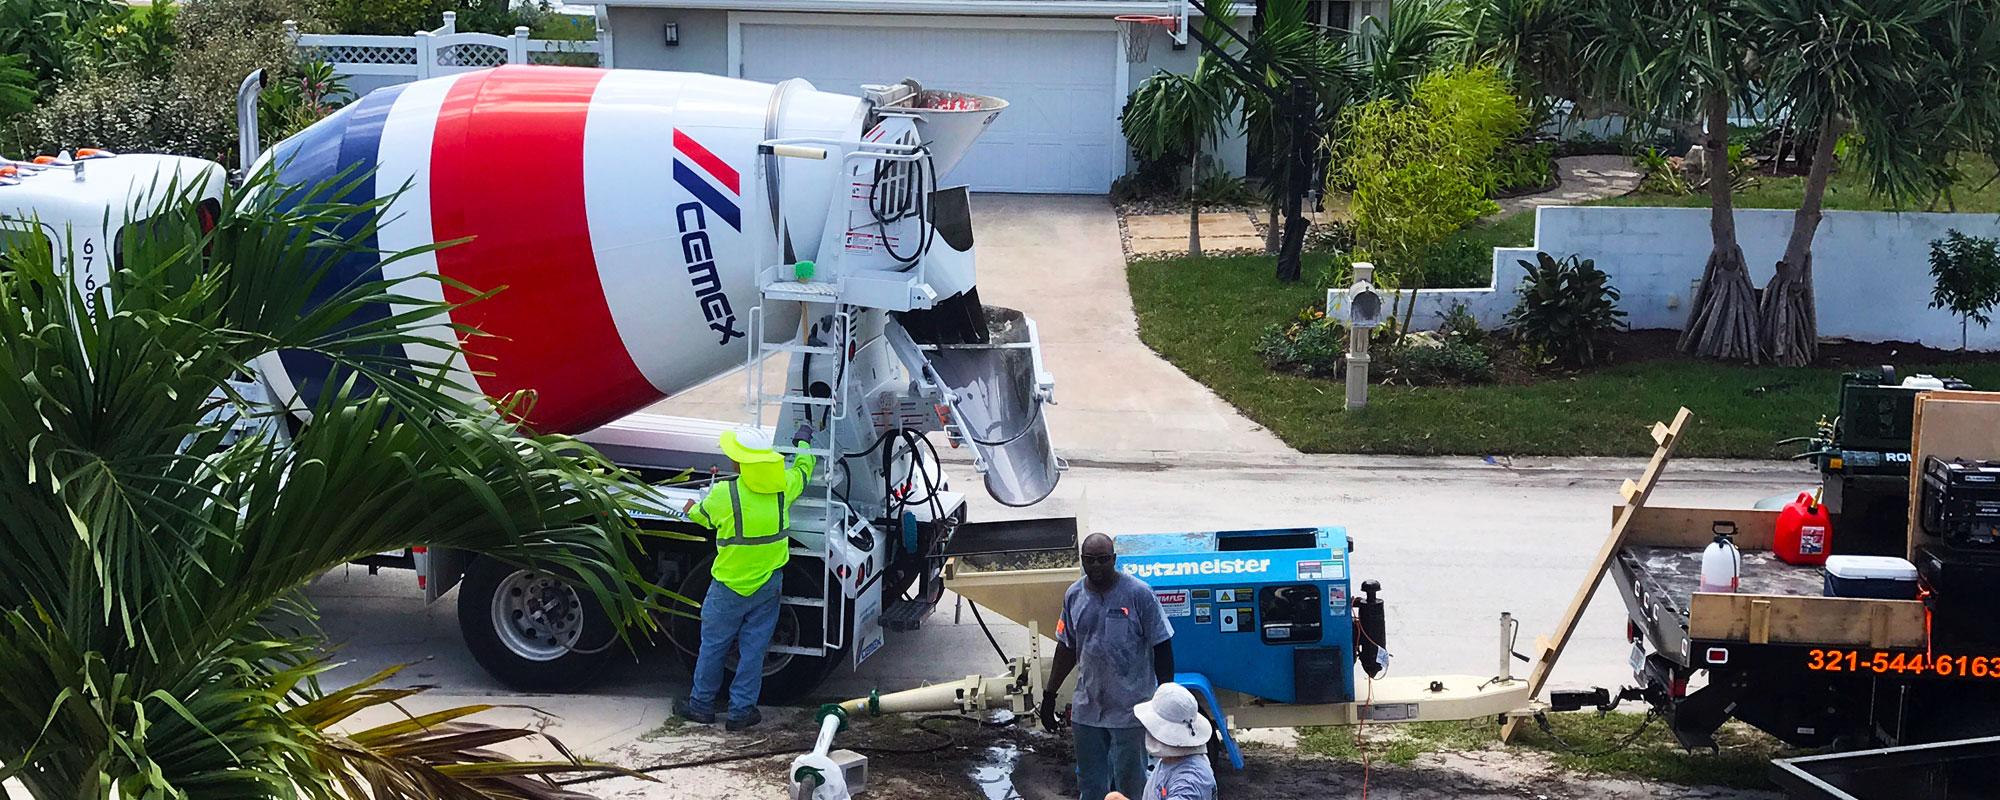 Florida concrete company